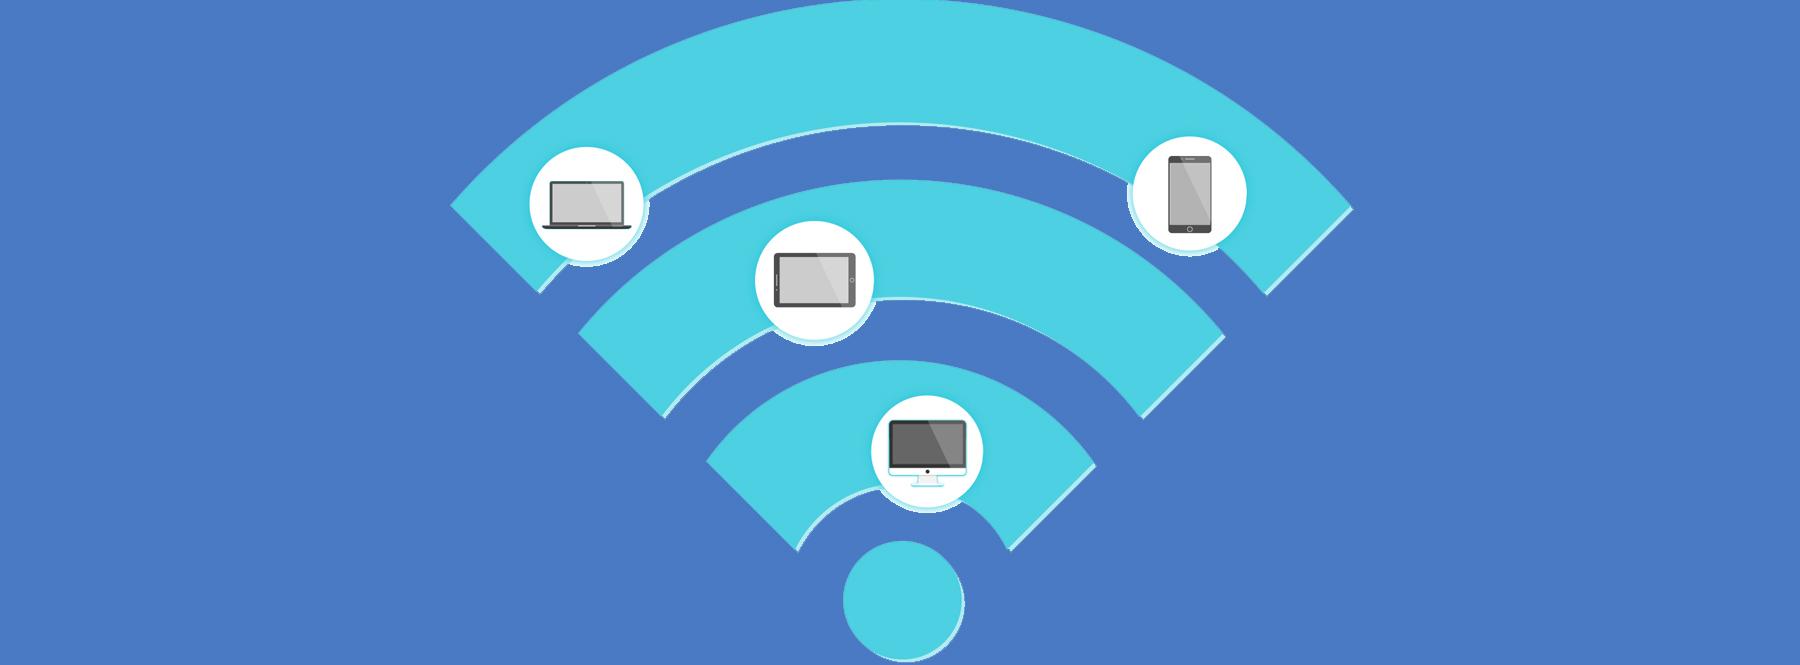 Cómo mejorar tu conexión wifi en casa